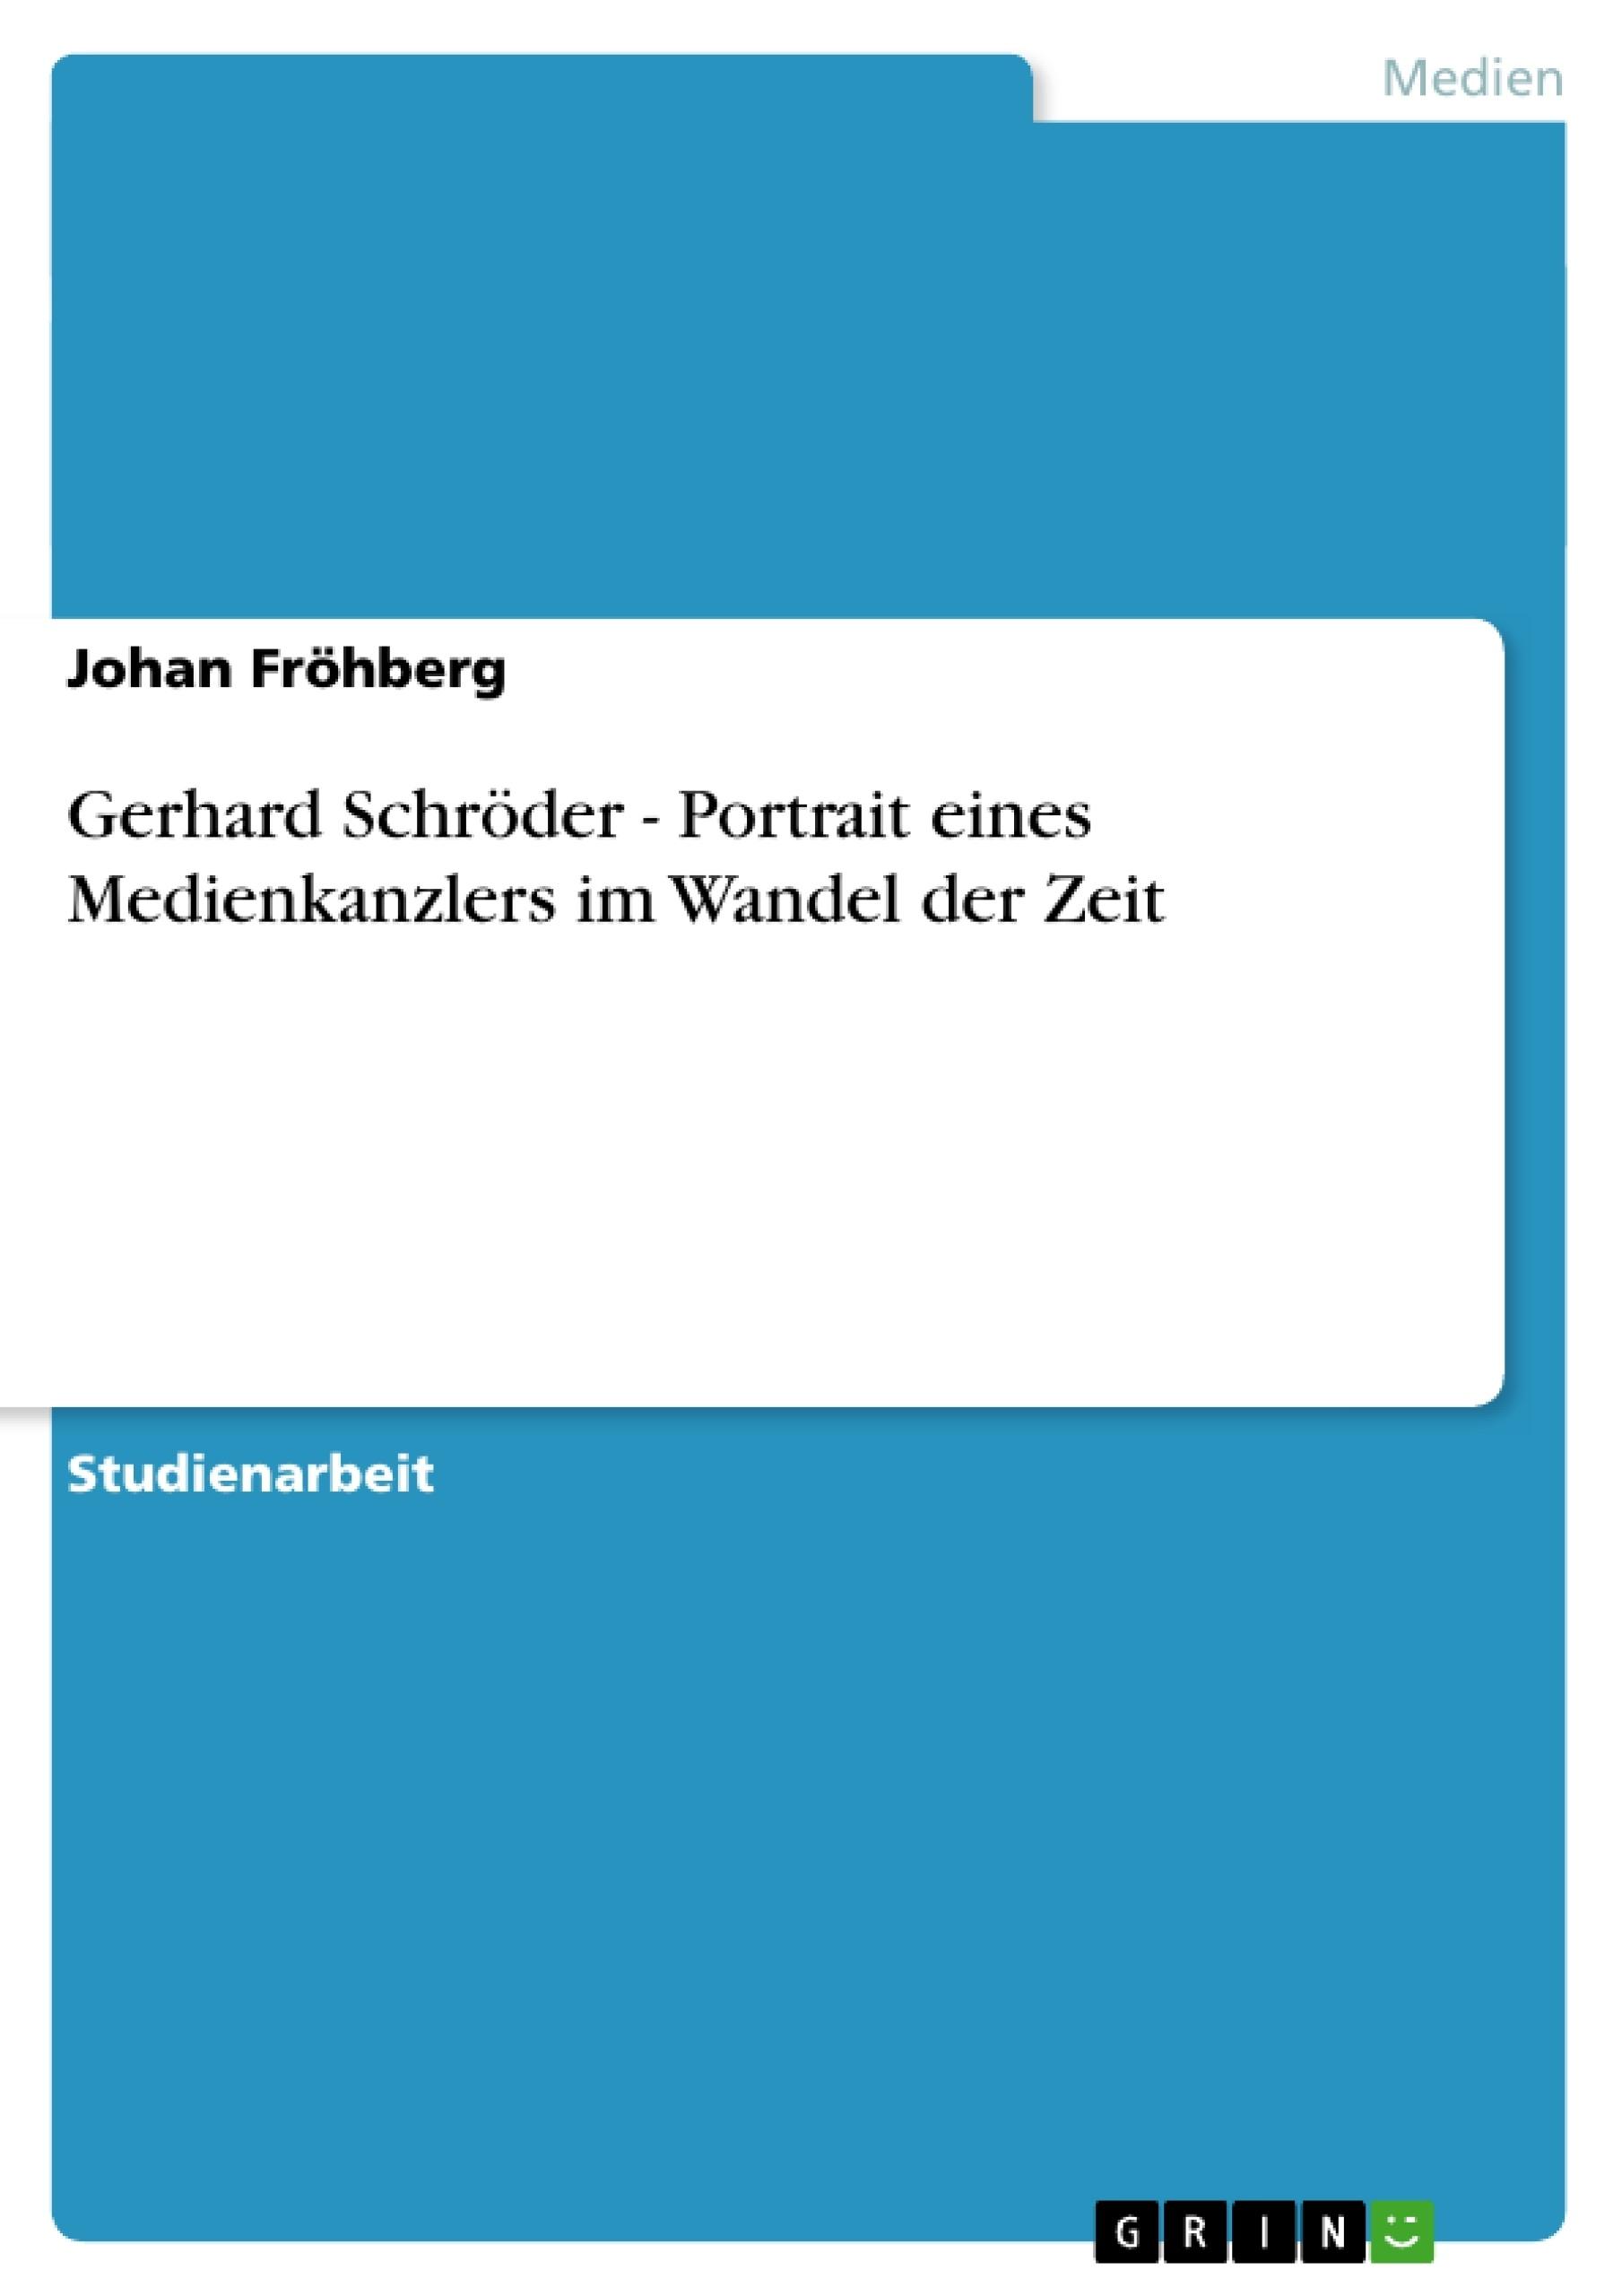 Titel: Gerhard Schröder - Portrait eines Medienkanzlers im Wandel der Zeit